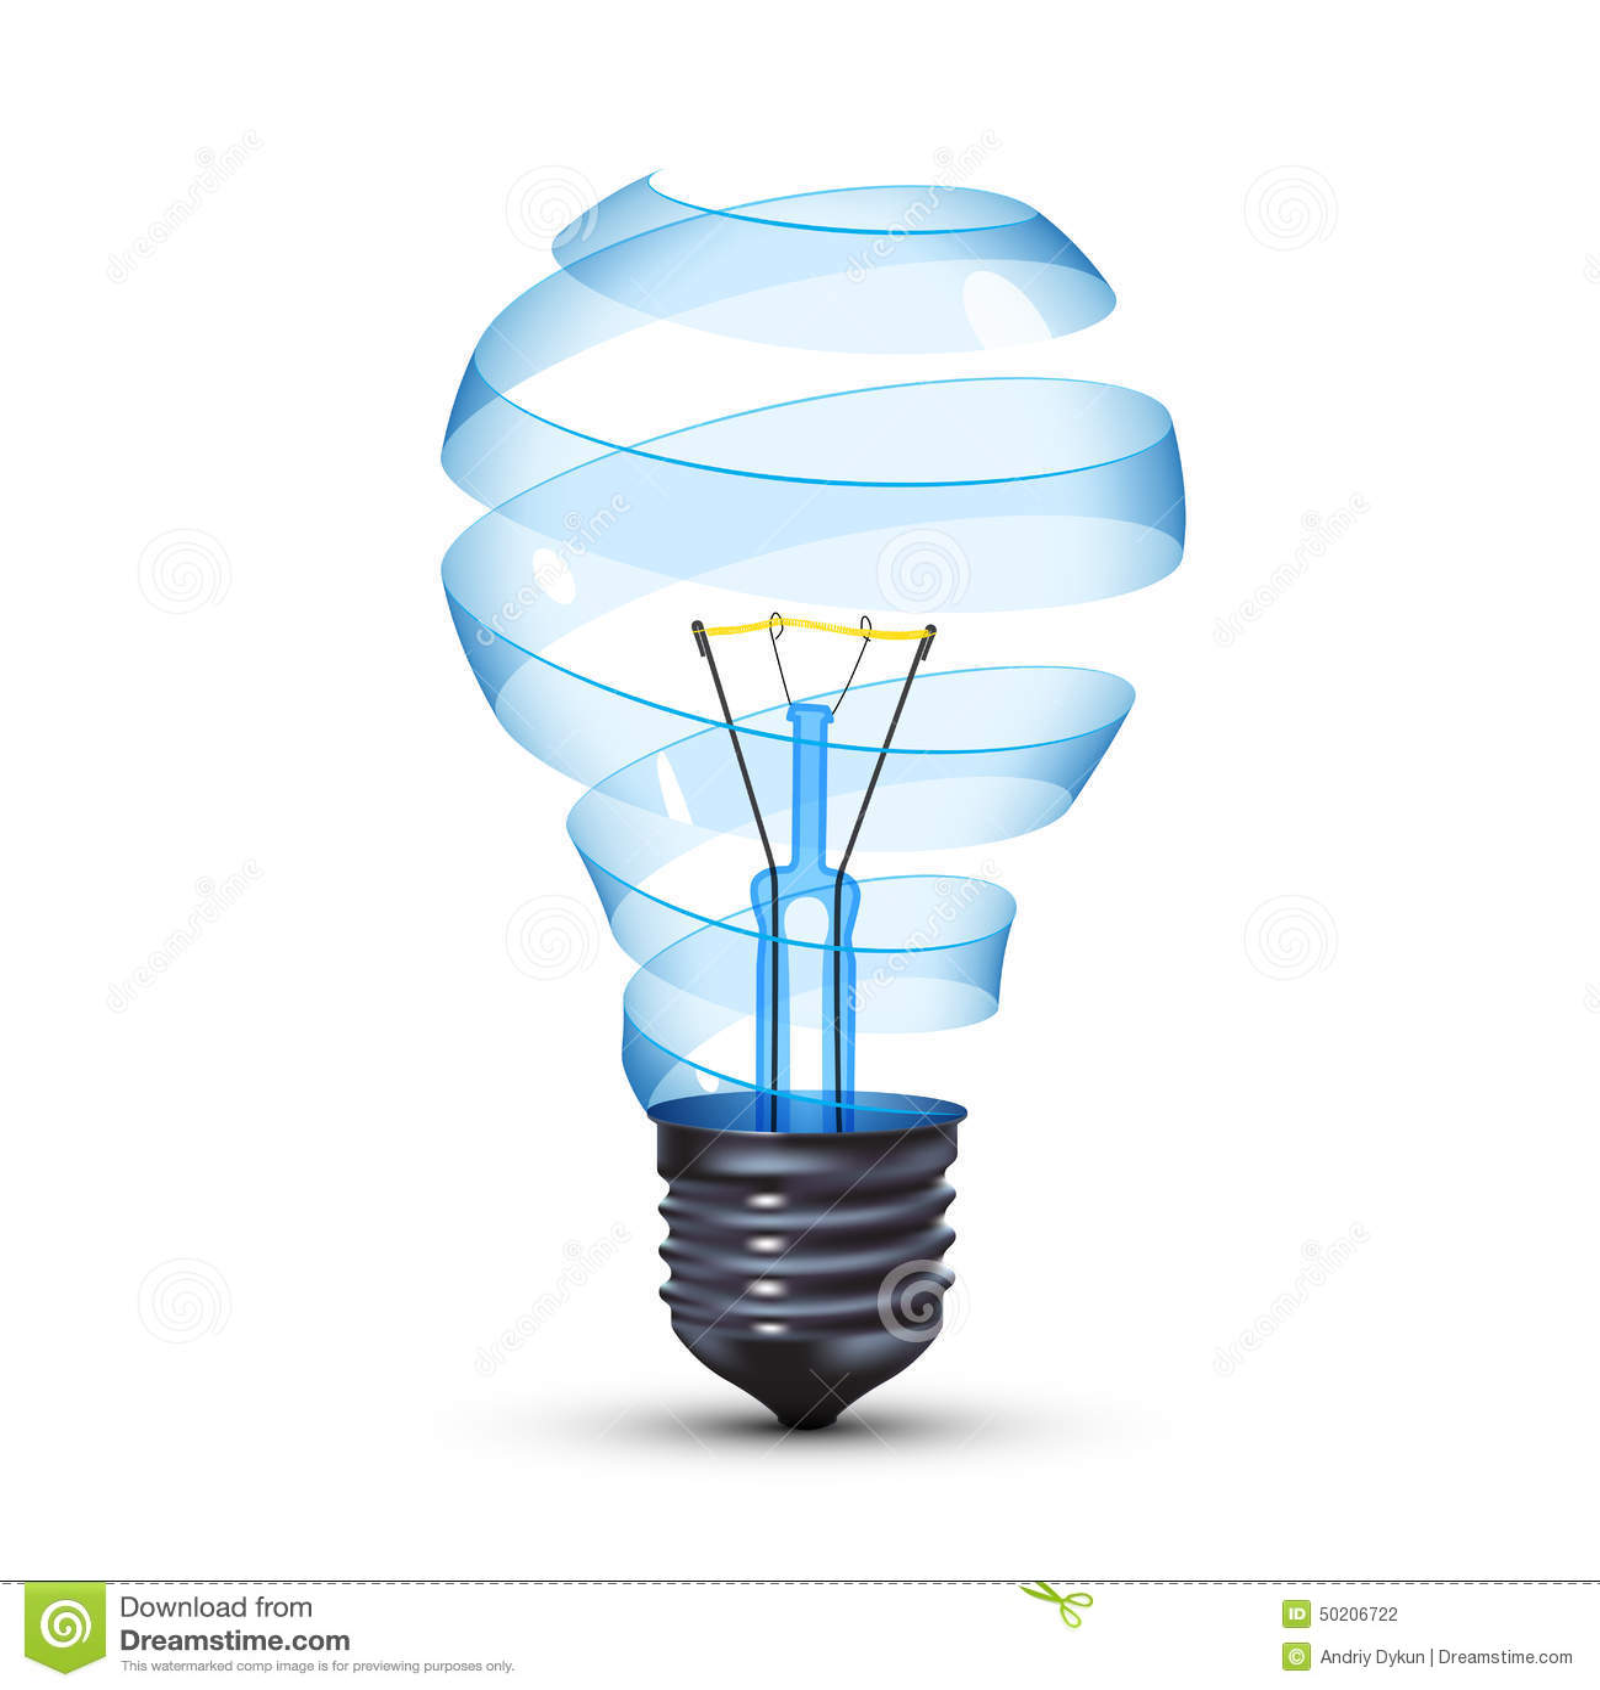 tungsteno lampadina : Lampadina Surreale Illustrazione Vettoriale - Immagine: 50206722